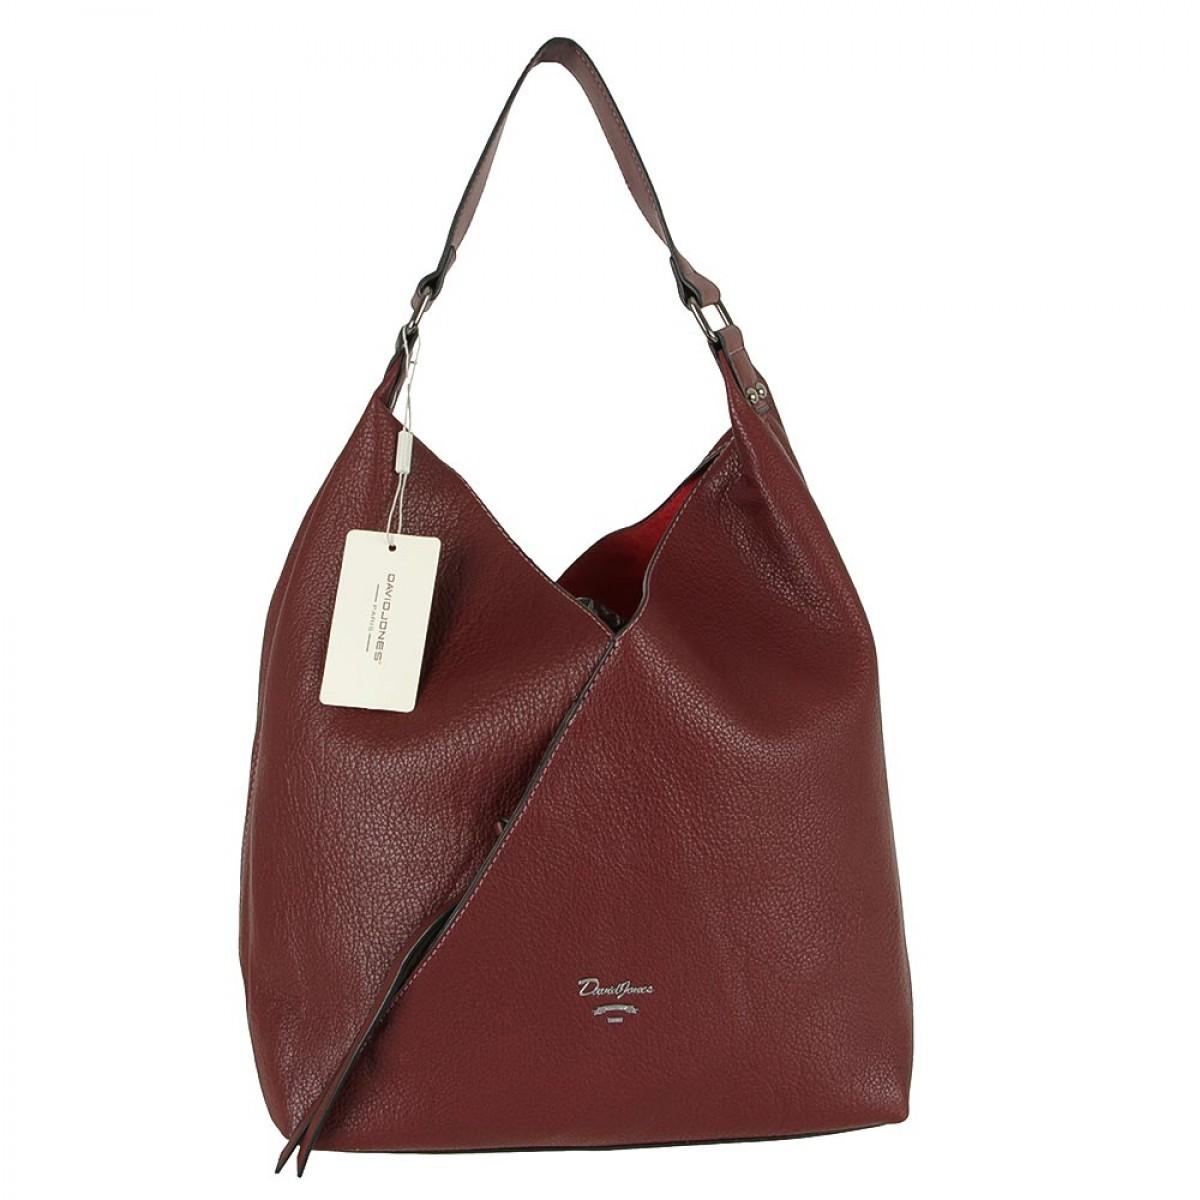 Жіноча сумка David Jones 6102-1 DARK BORDEAUX